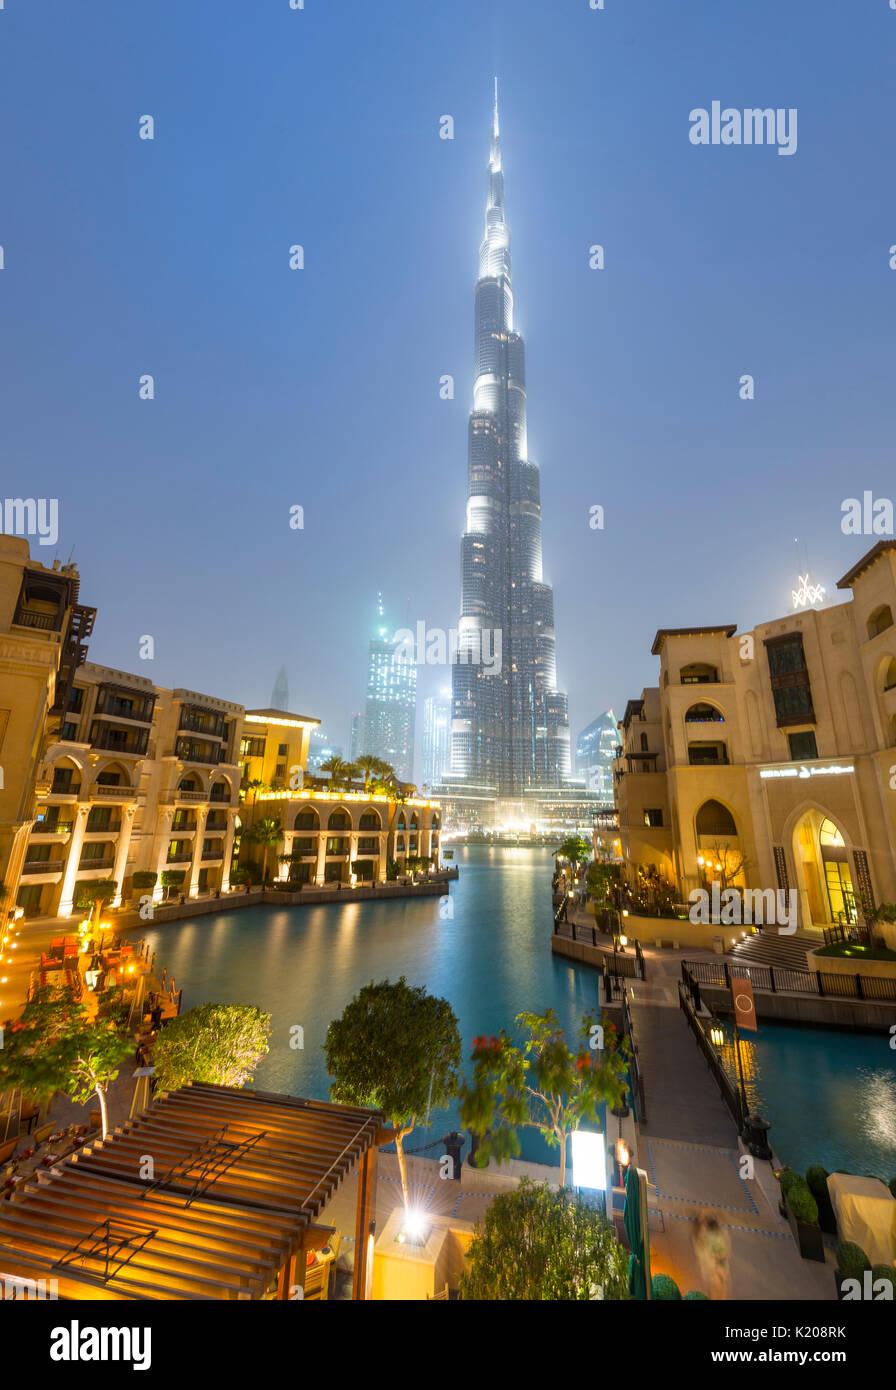 Burj Khalifa, artificial lake with lighted fountain, blue hour, Dubai, Emirate Dubai, United Arab Emirates - Stock Image